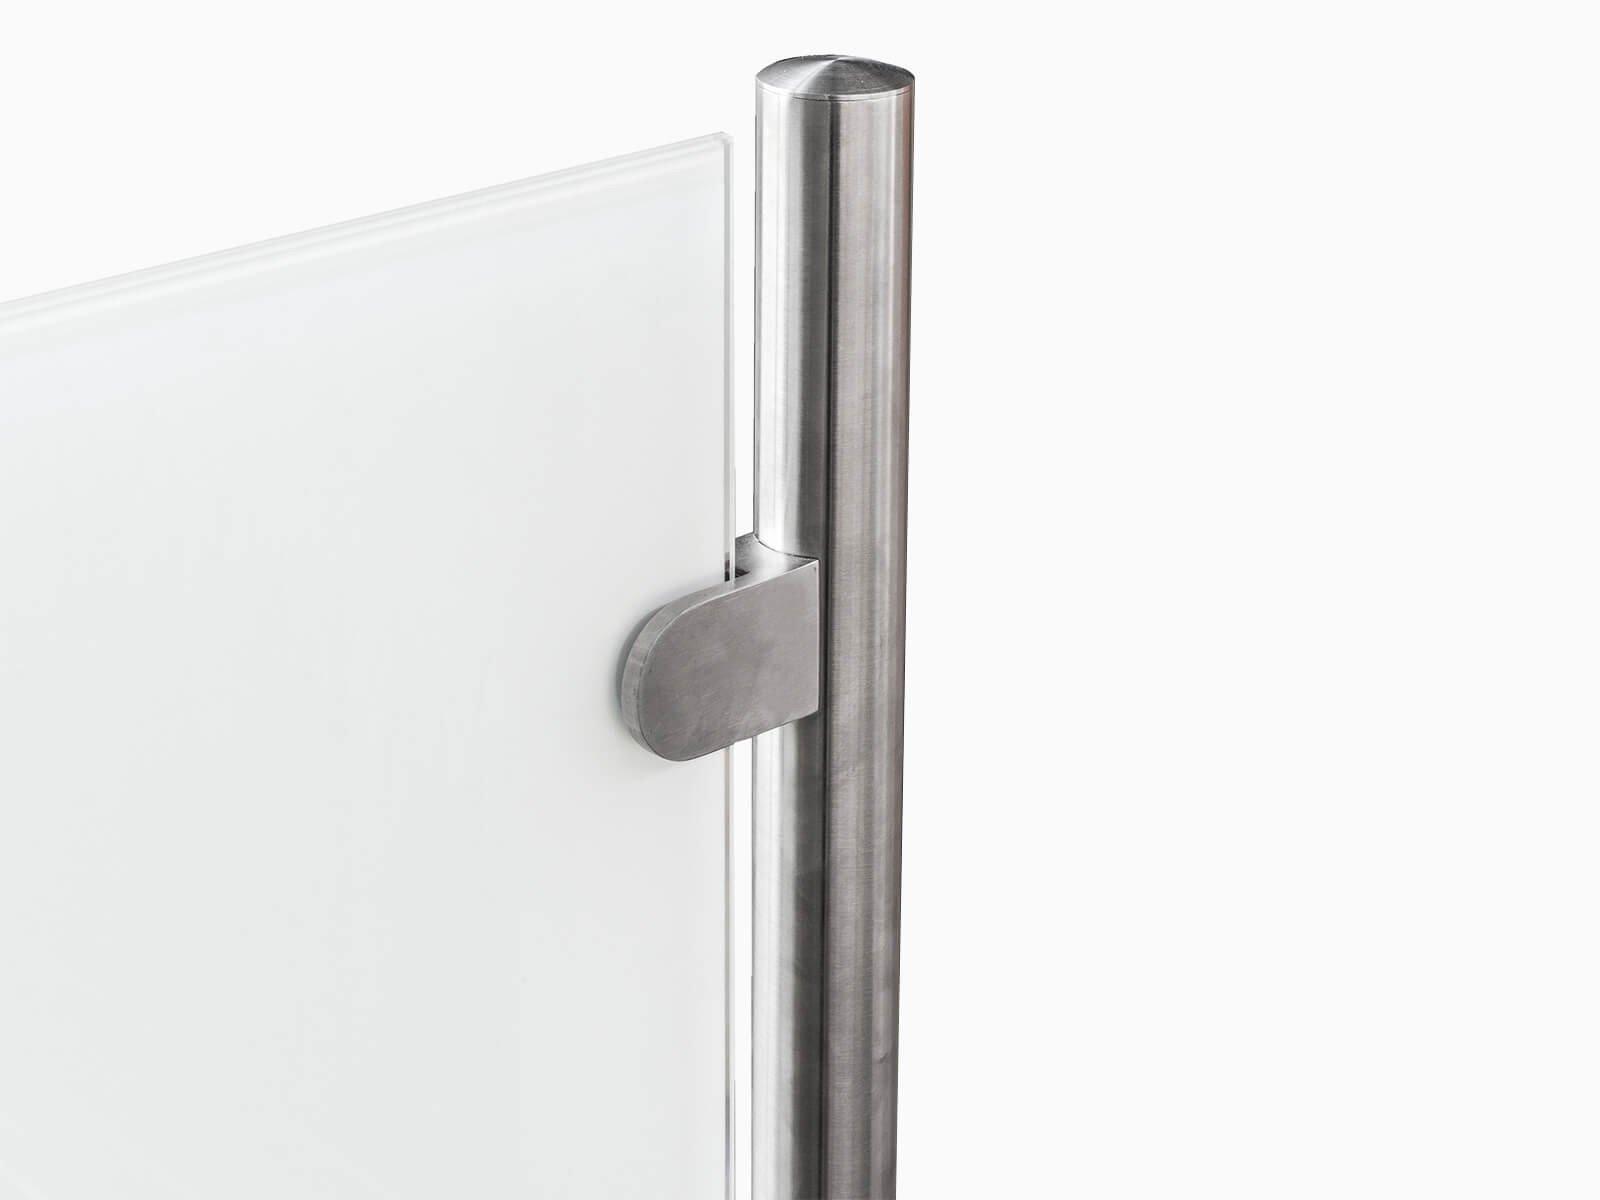 Pfostensystem Transvent mit seitlichen Glasklemmen für die Befestigung vom Glas